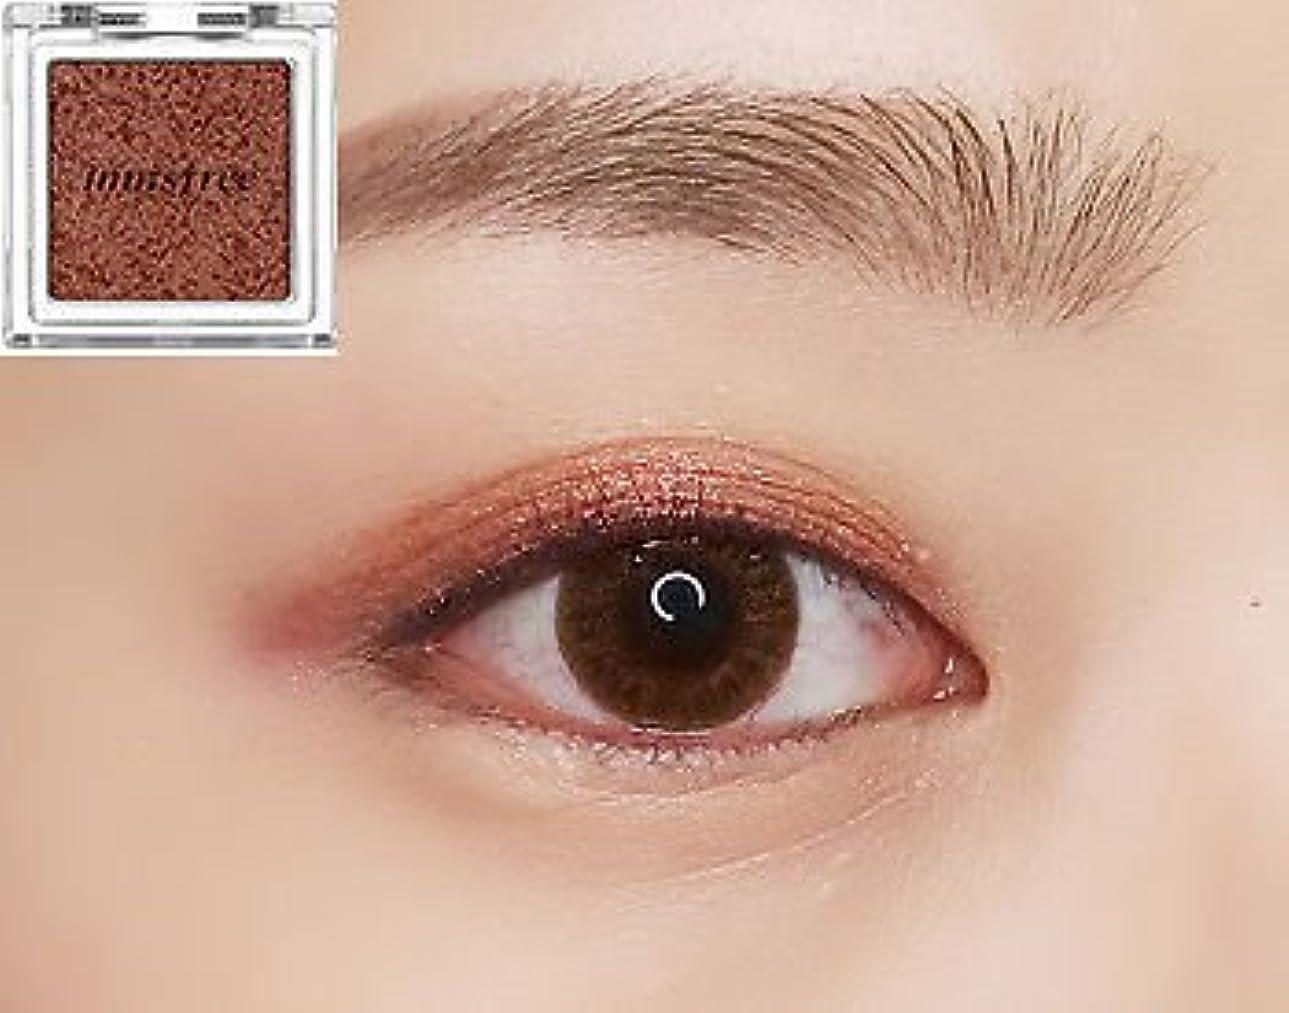 ダッシュ補正確認する[イニスフリー] innisfree [マイ パレット マイ アイシャドウ (グリッタ一) 25カラー] MY PALETTE My Eyeshadow (Glitter) 25 Shades [海外直送品] (グリッタ...